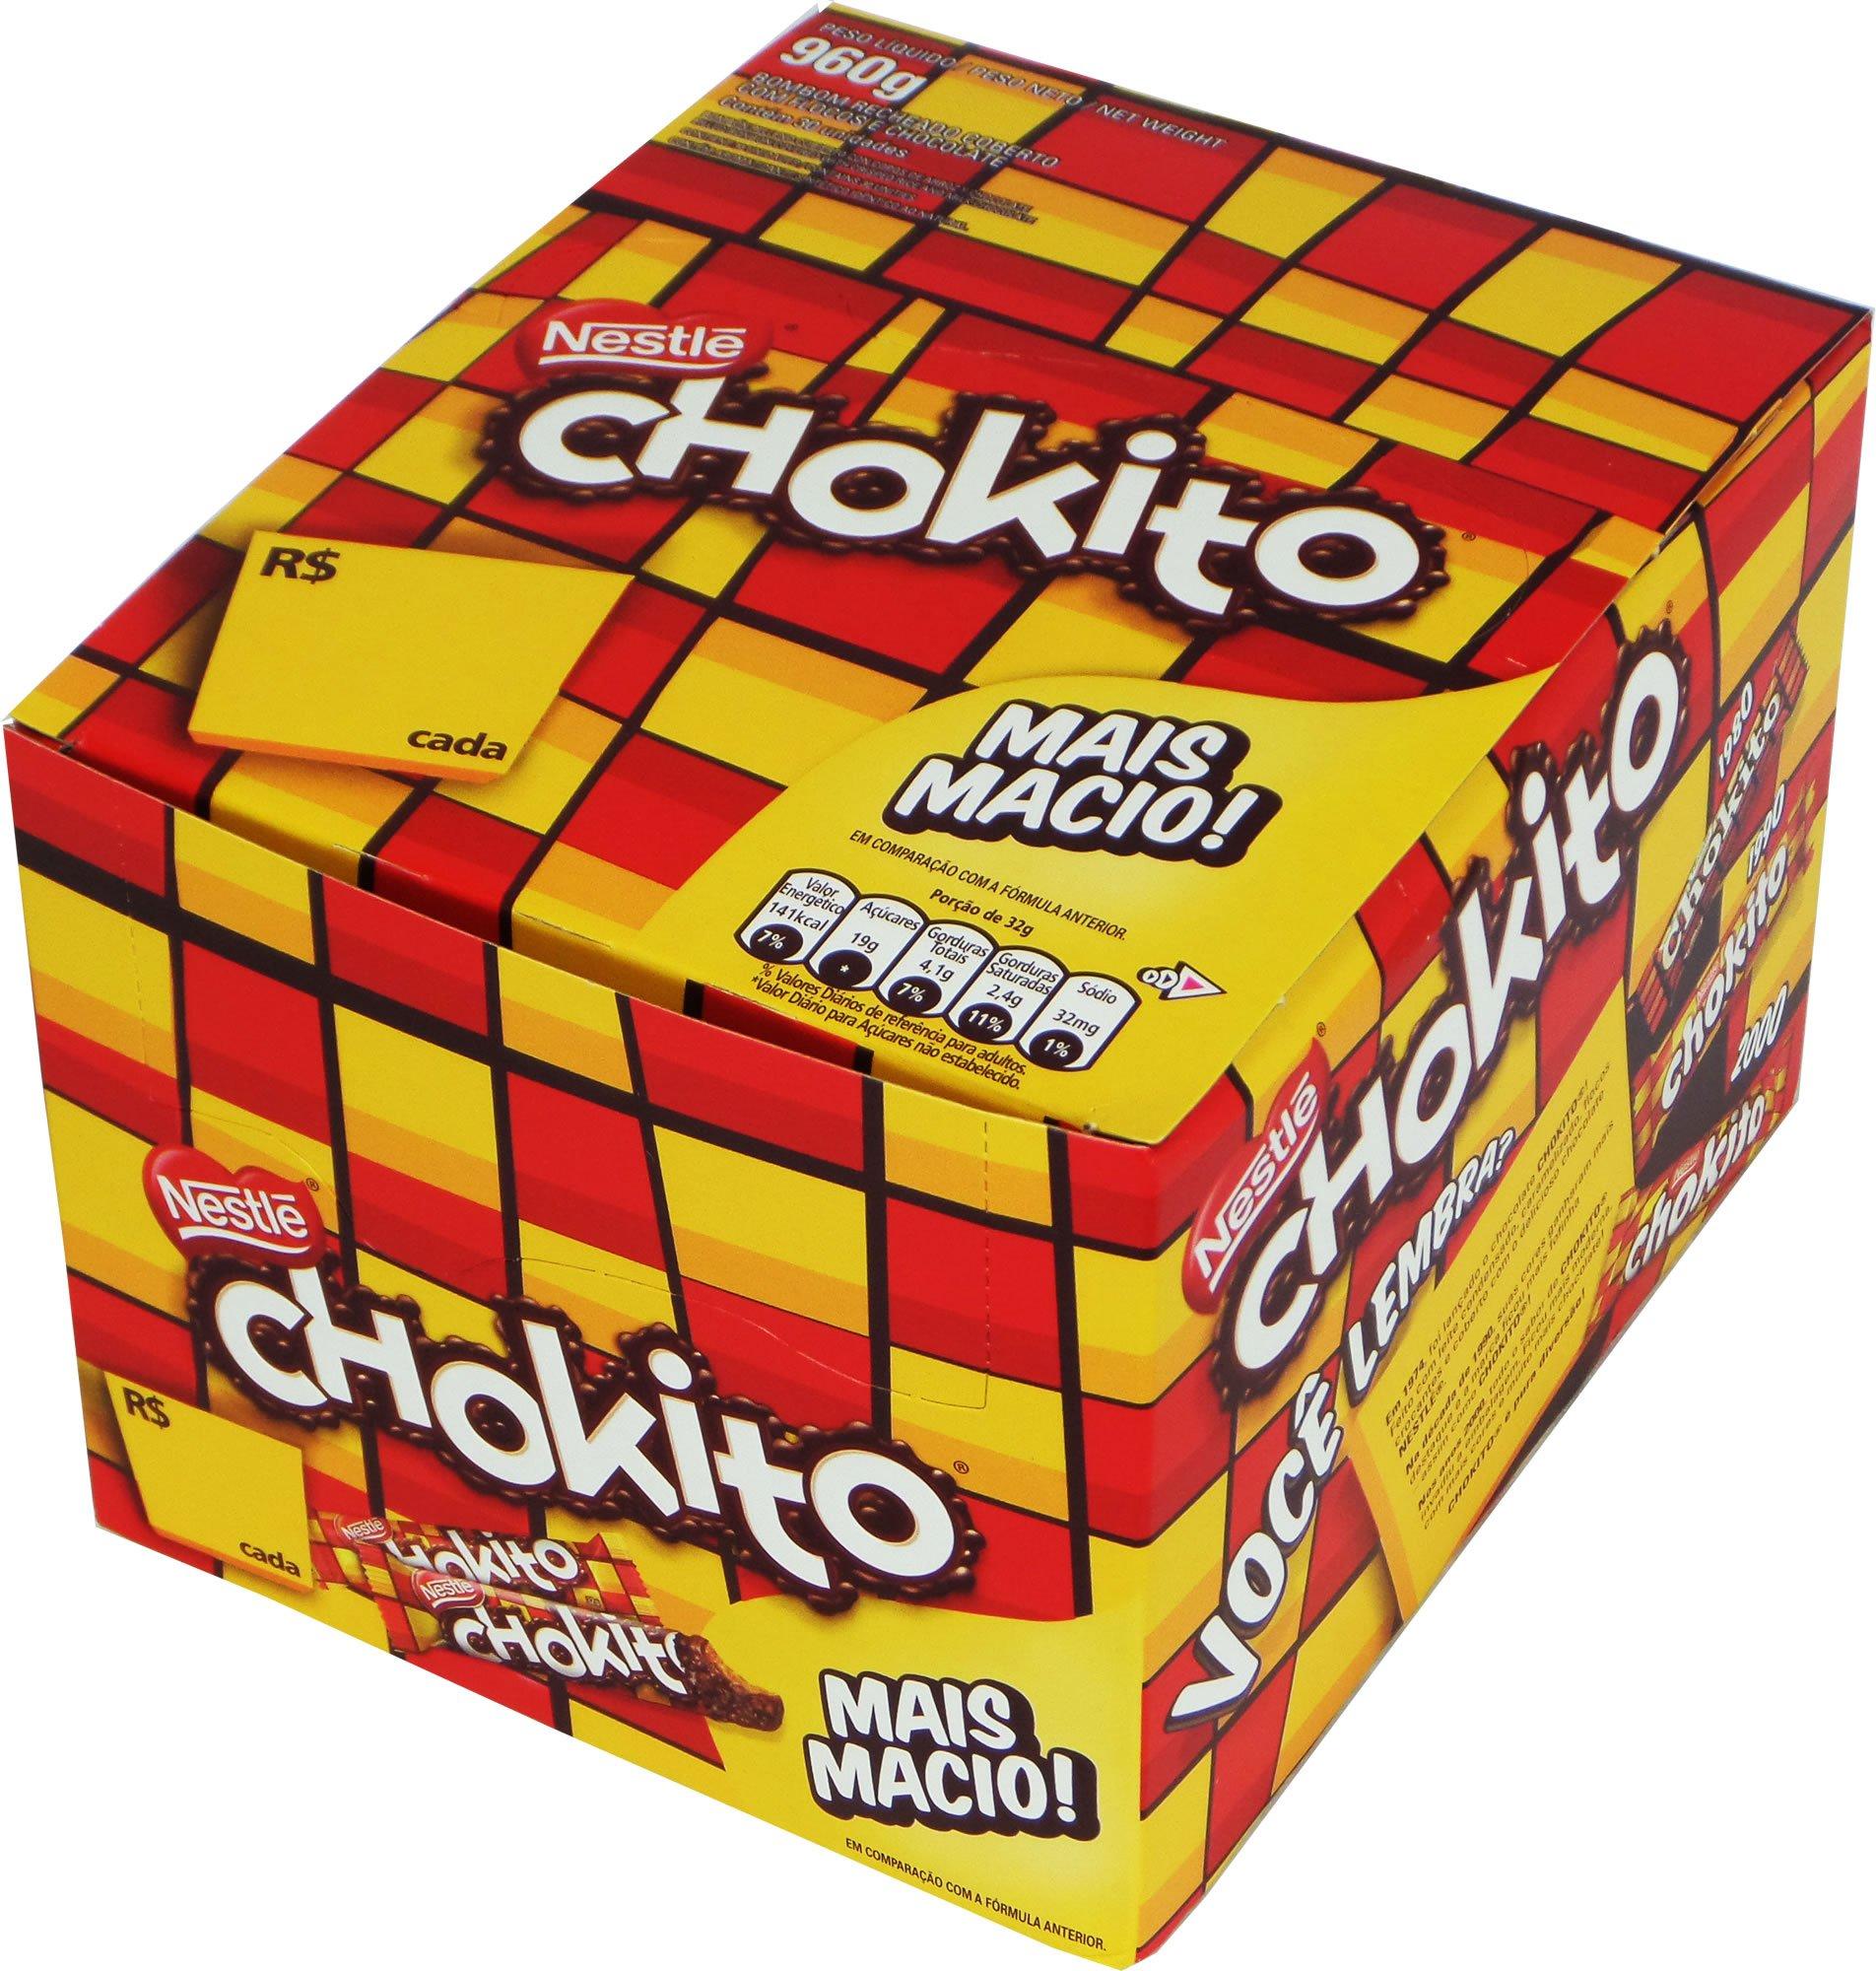 Nestlé - Chokito - Chocolate Bar Filling w/ Caramel - 1.16oz (PACK OF 30)   Barra de Chocolate Recheado c/ Caramelo - 32g